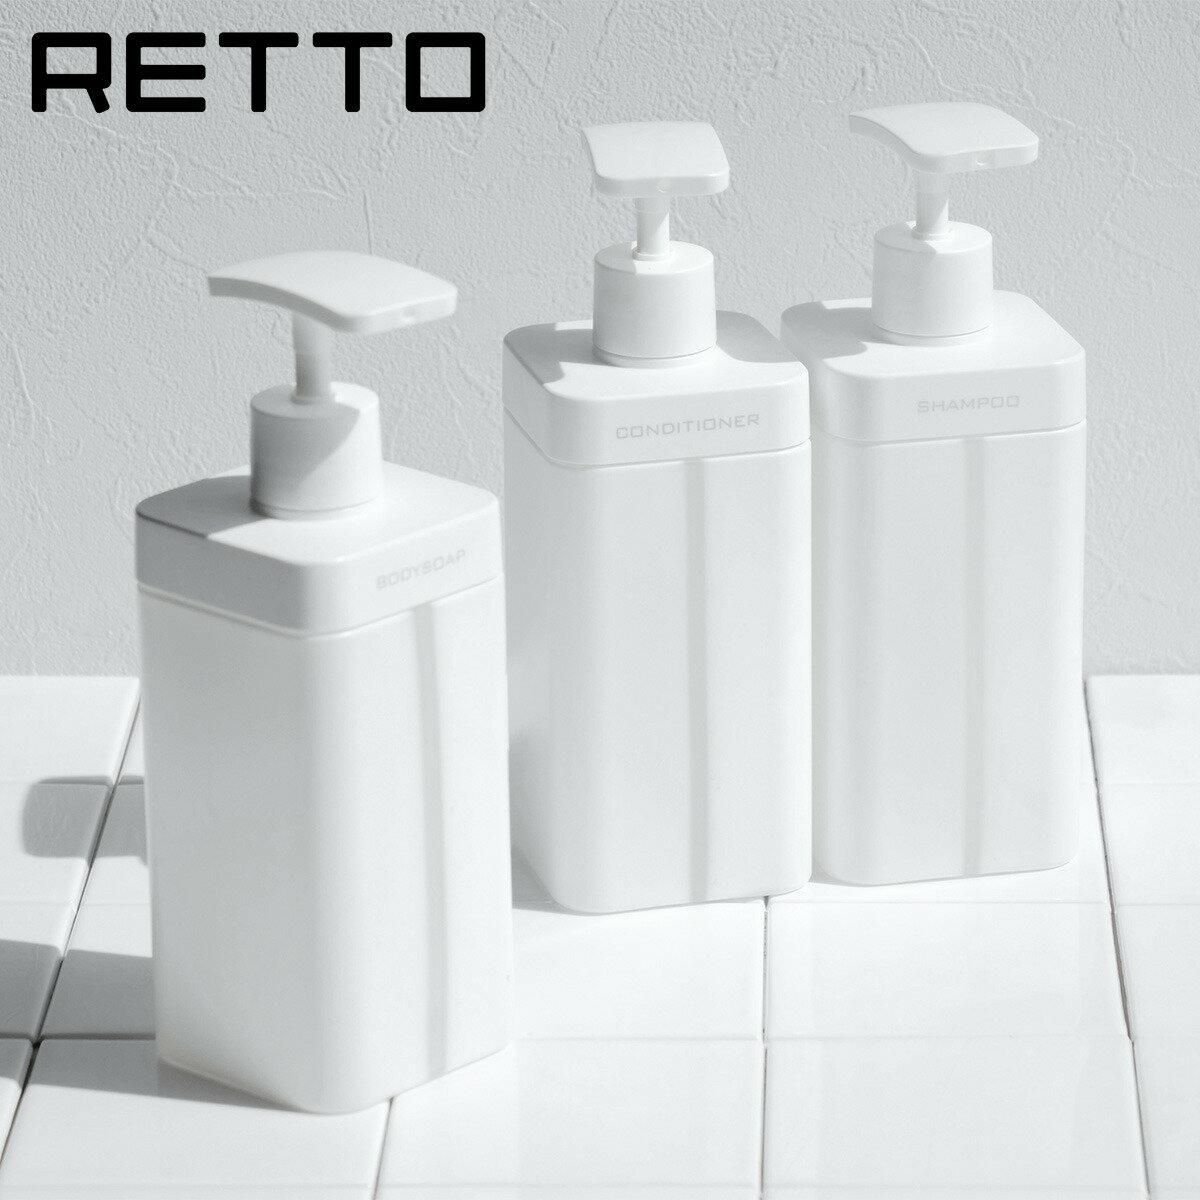 RETTO ディスペンサー Lサイズ 詰め替え用 800ml ( ディスペンサーボトル ソープディスペンサー ソープボトル レットー シャンプーディスペンサー バスグッズ バス用品 )